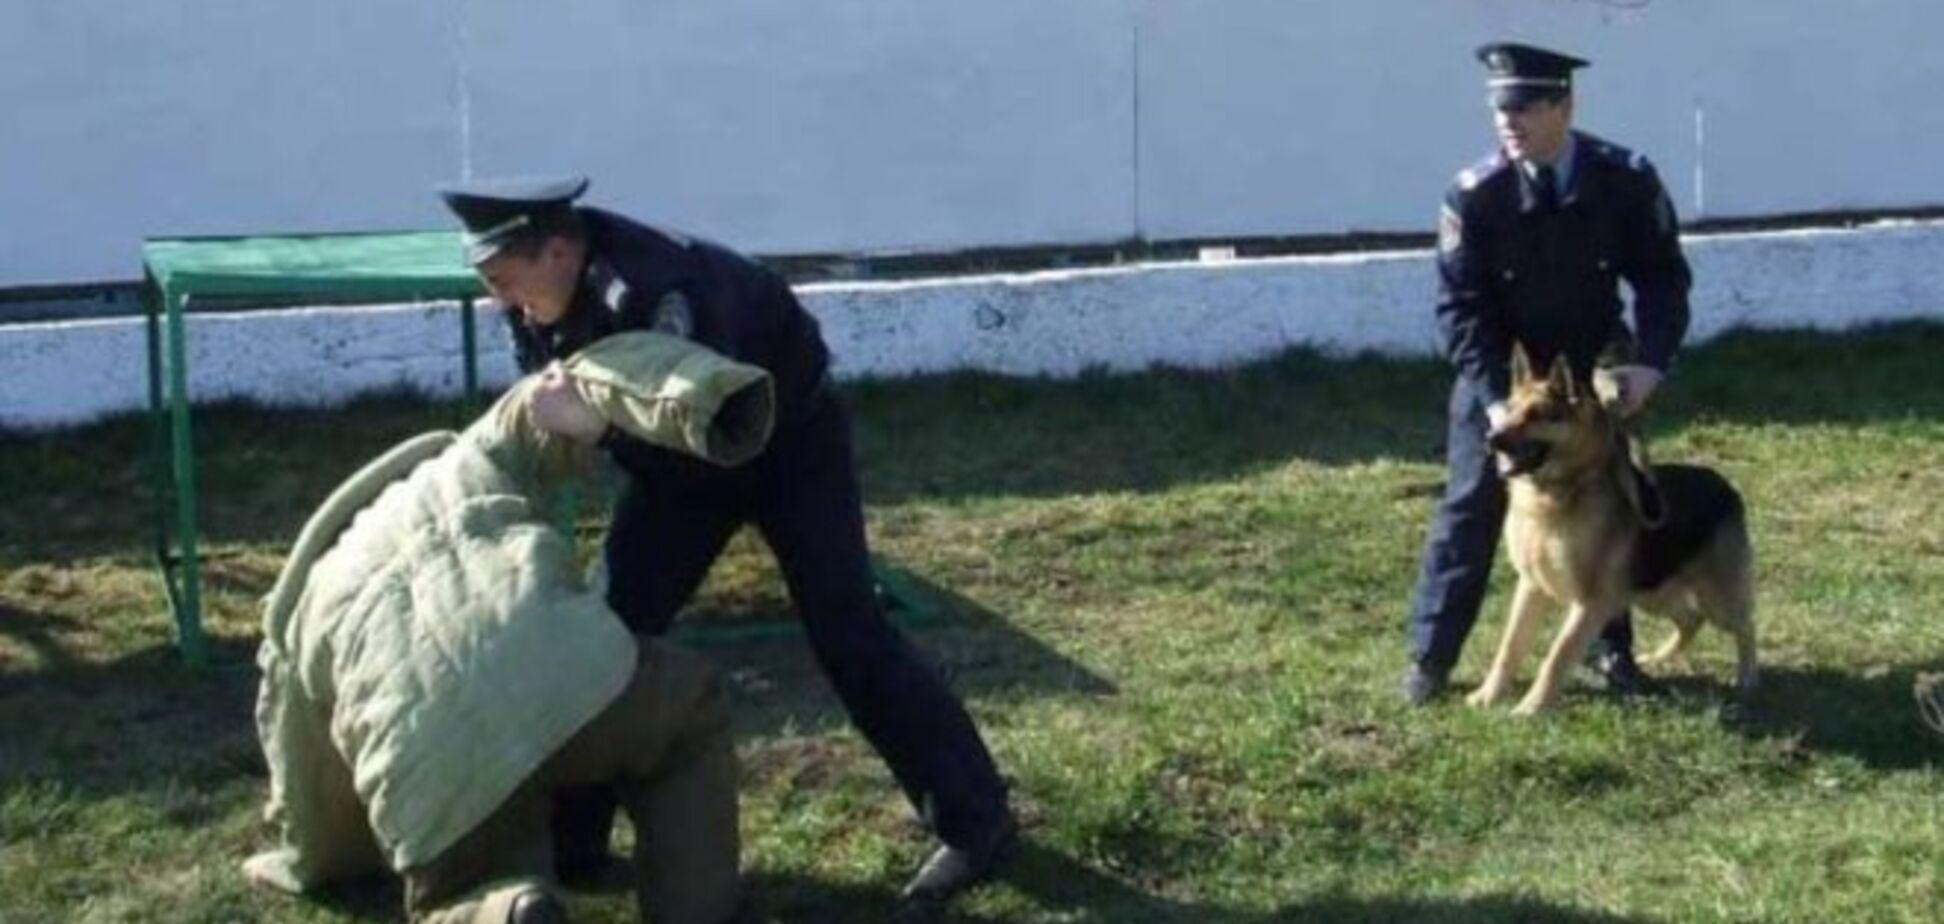 Полтавчане после ограбления ЧП пытались скрыться на территории милицейского объекта